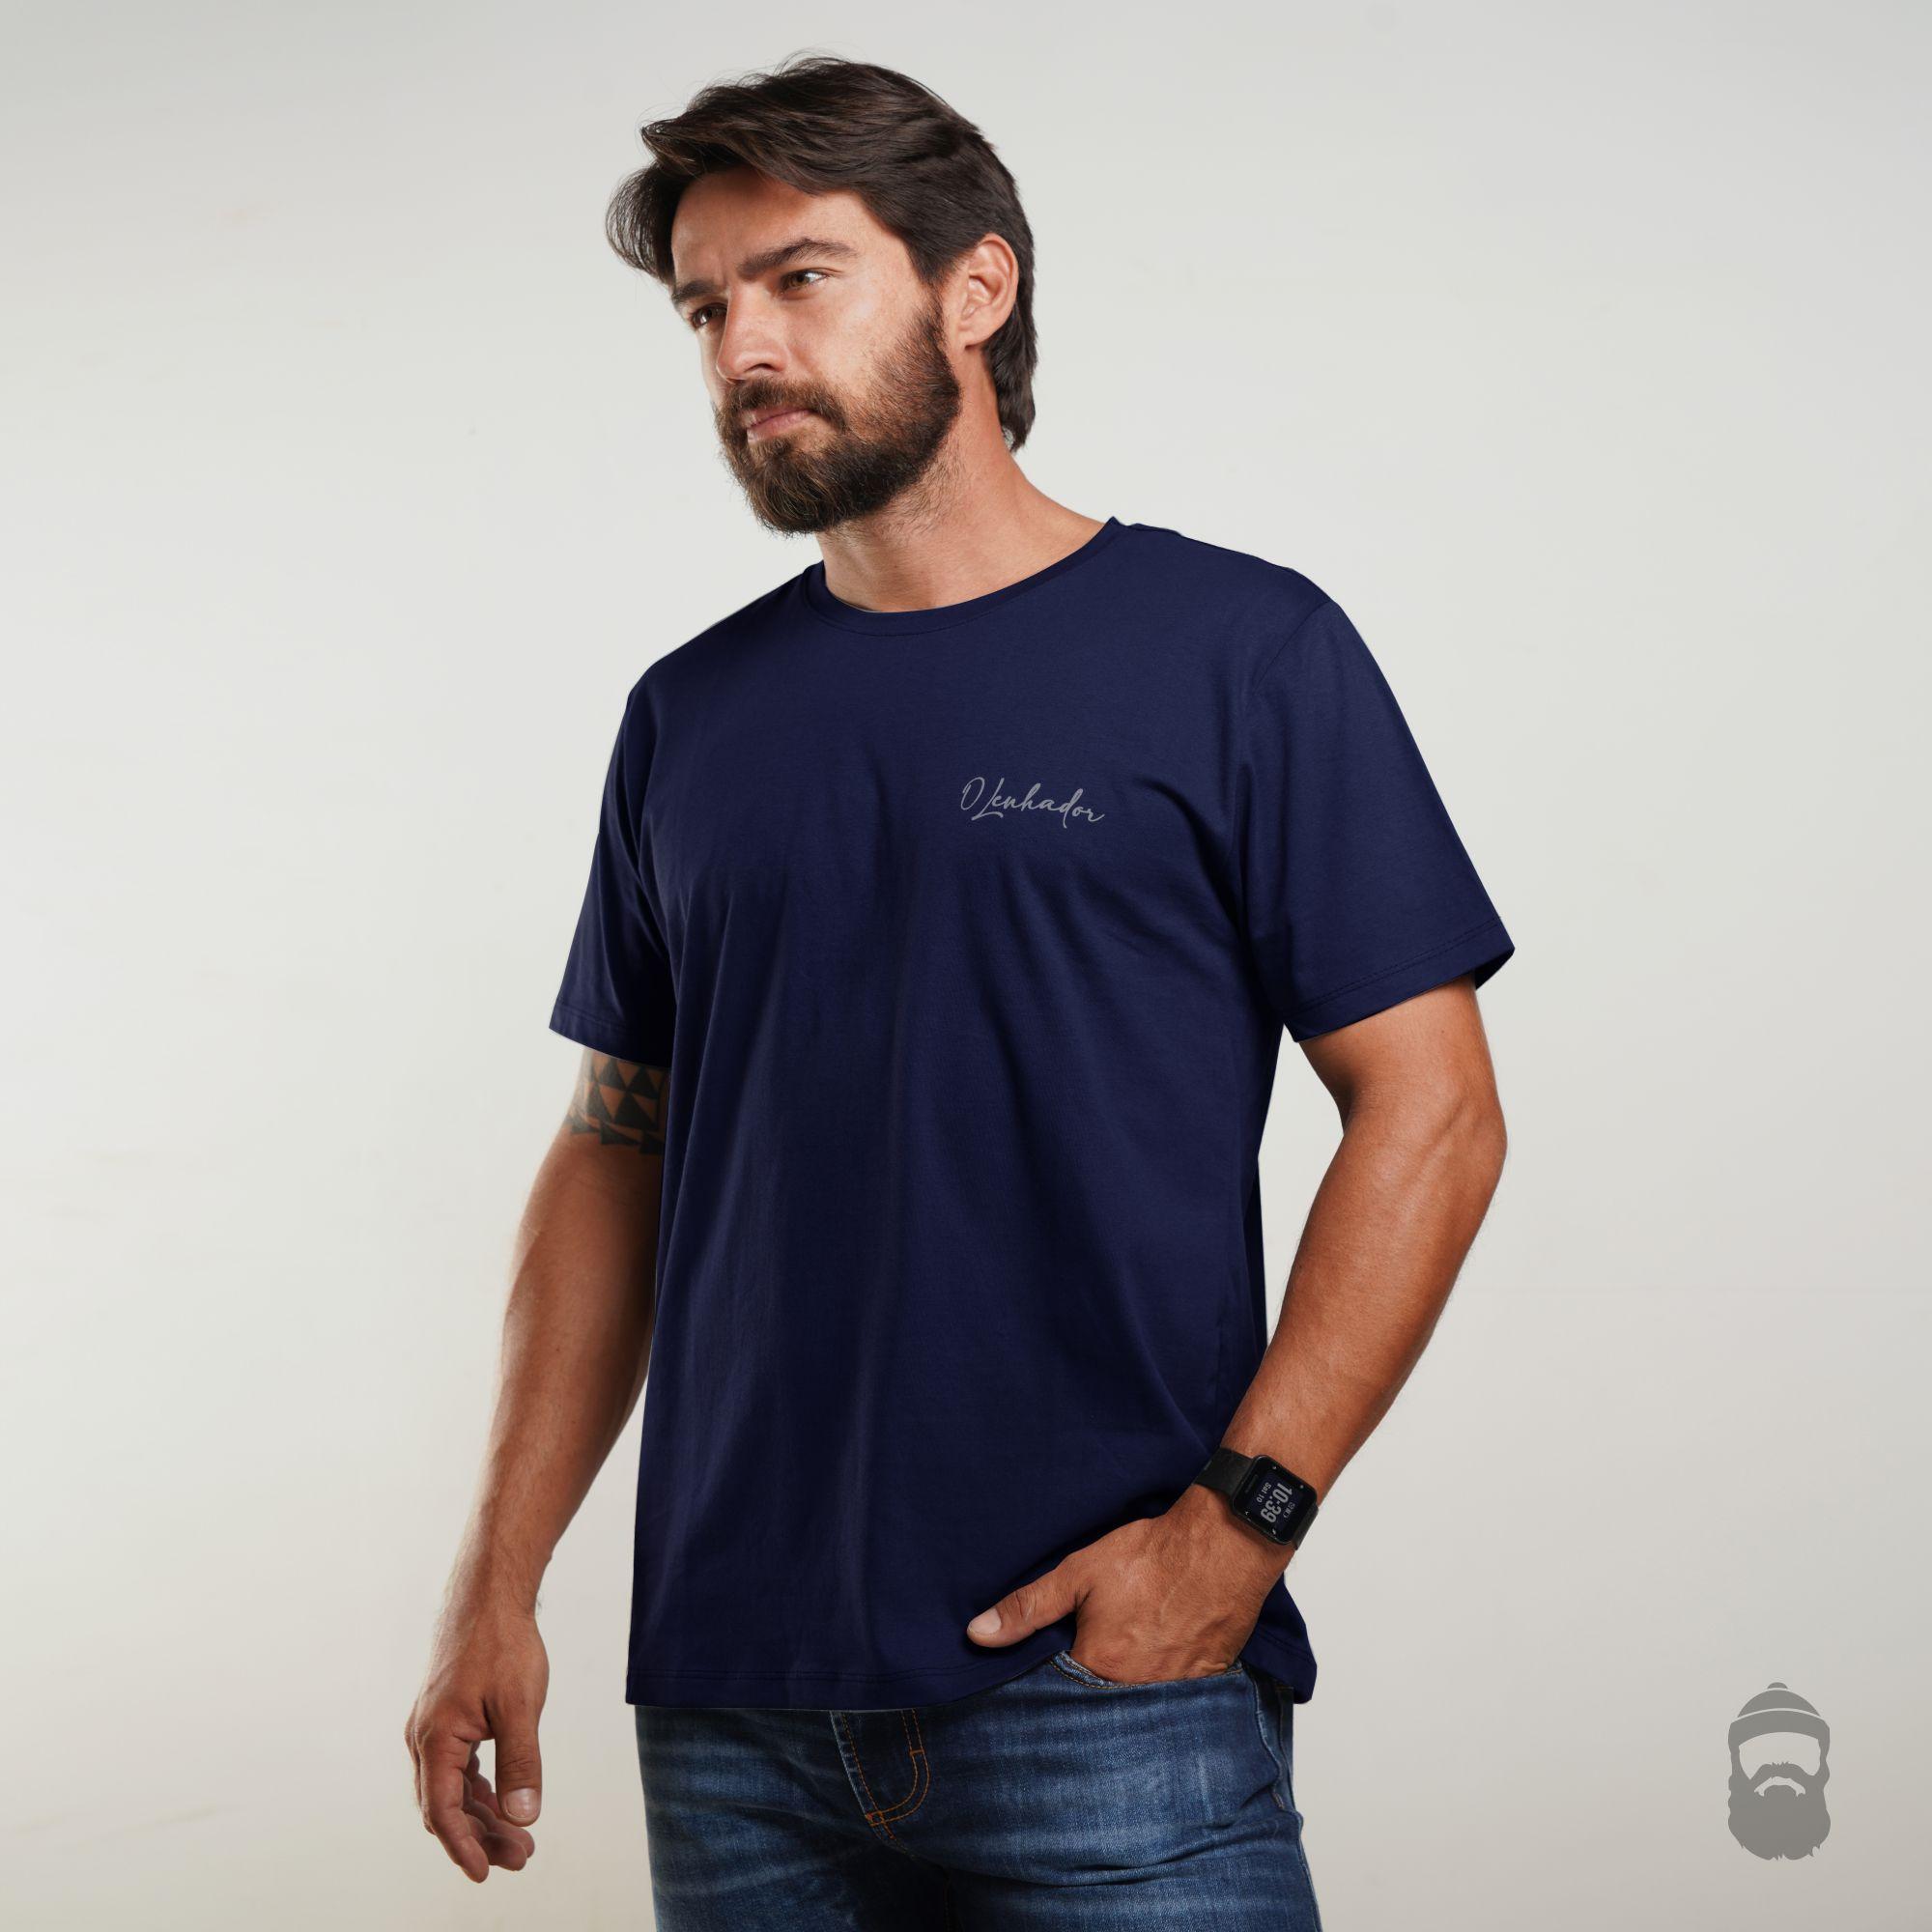 O Lenhador Camiseta Assinatura Azul Marinho